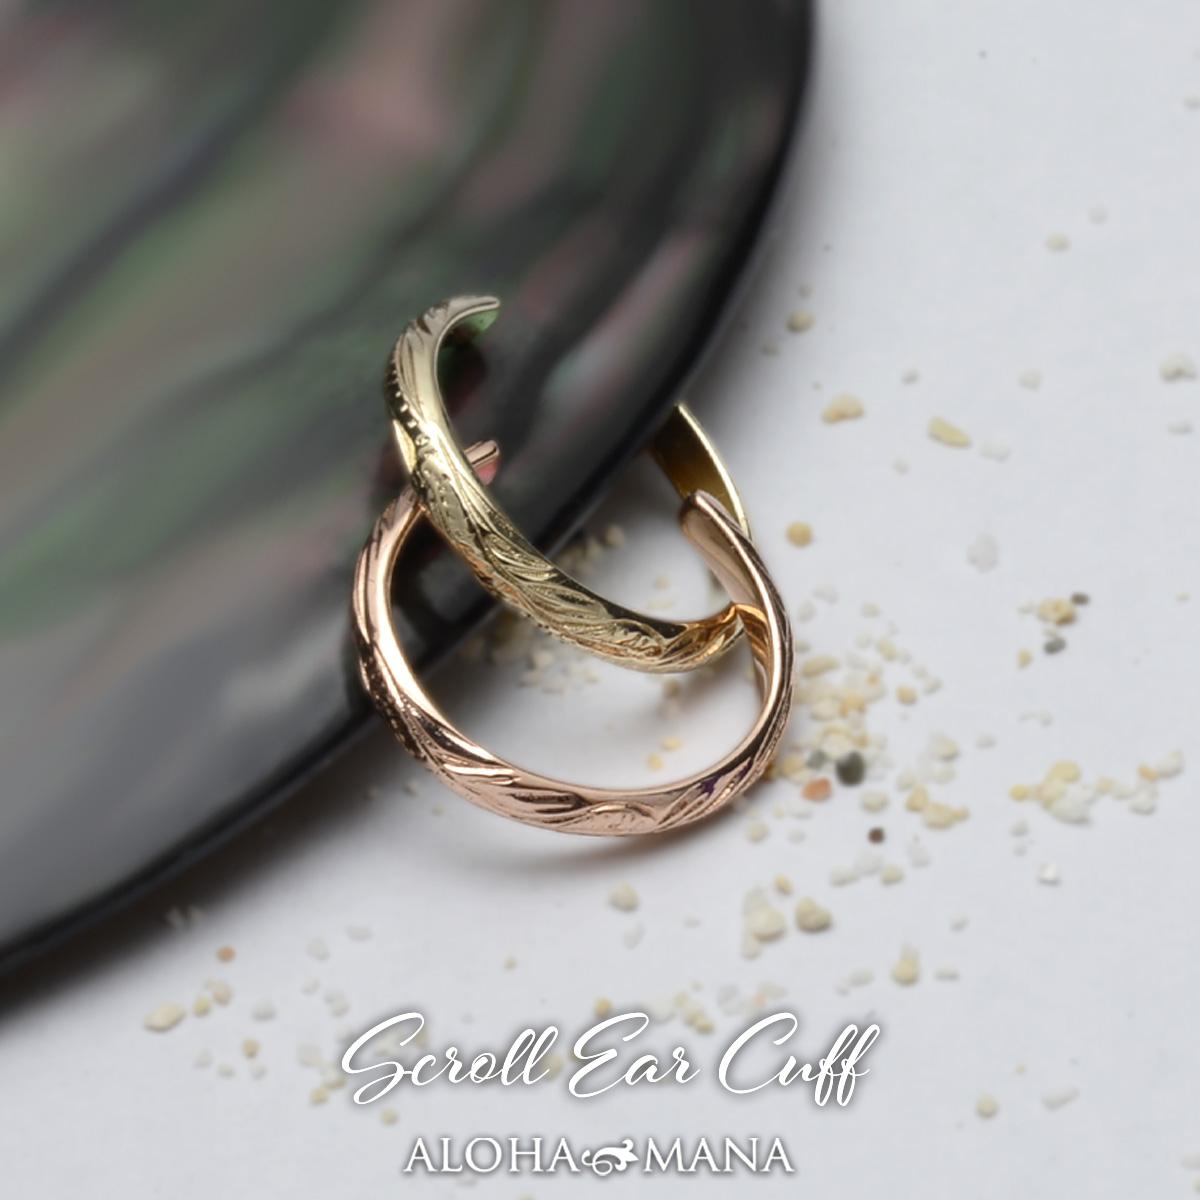 ゴールド カフ K10 イヤーカフ 2mm ハワイアンジュエリー アクセサリー レディース 女性 メンズ 男性 スクロールイヤーカフ aer1501acプレゼント